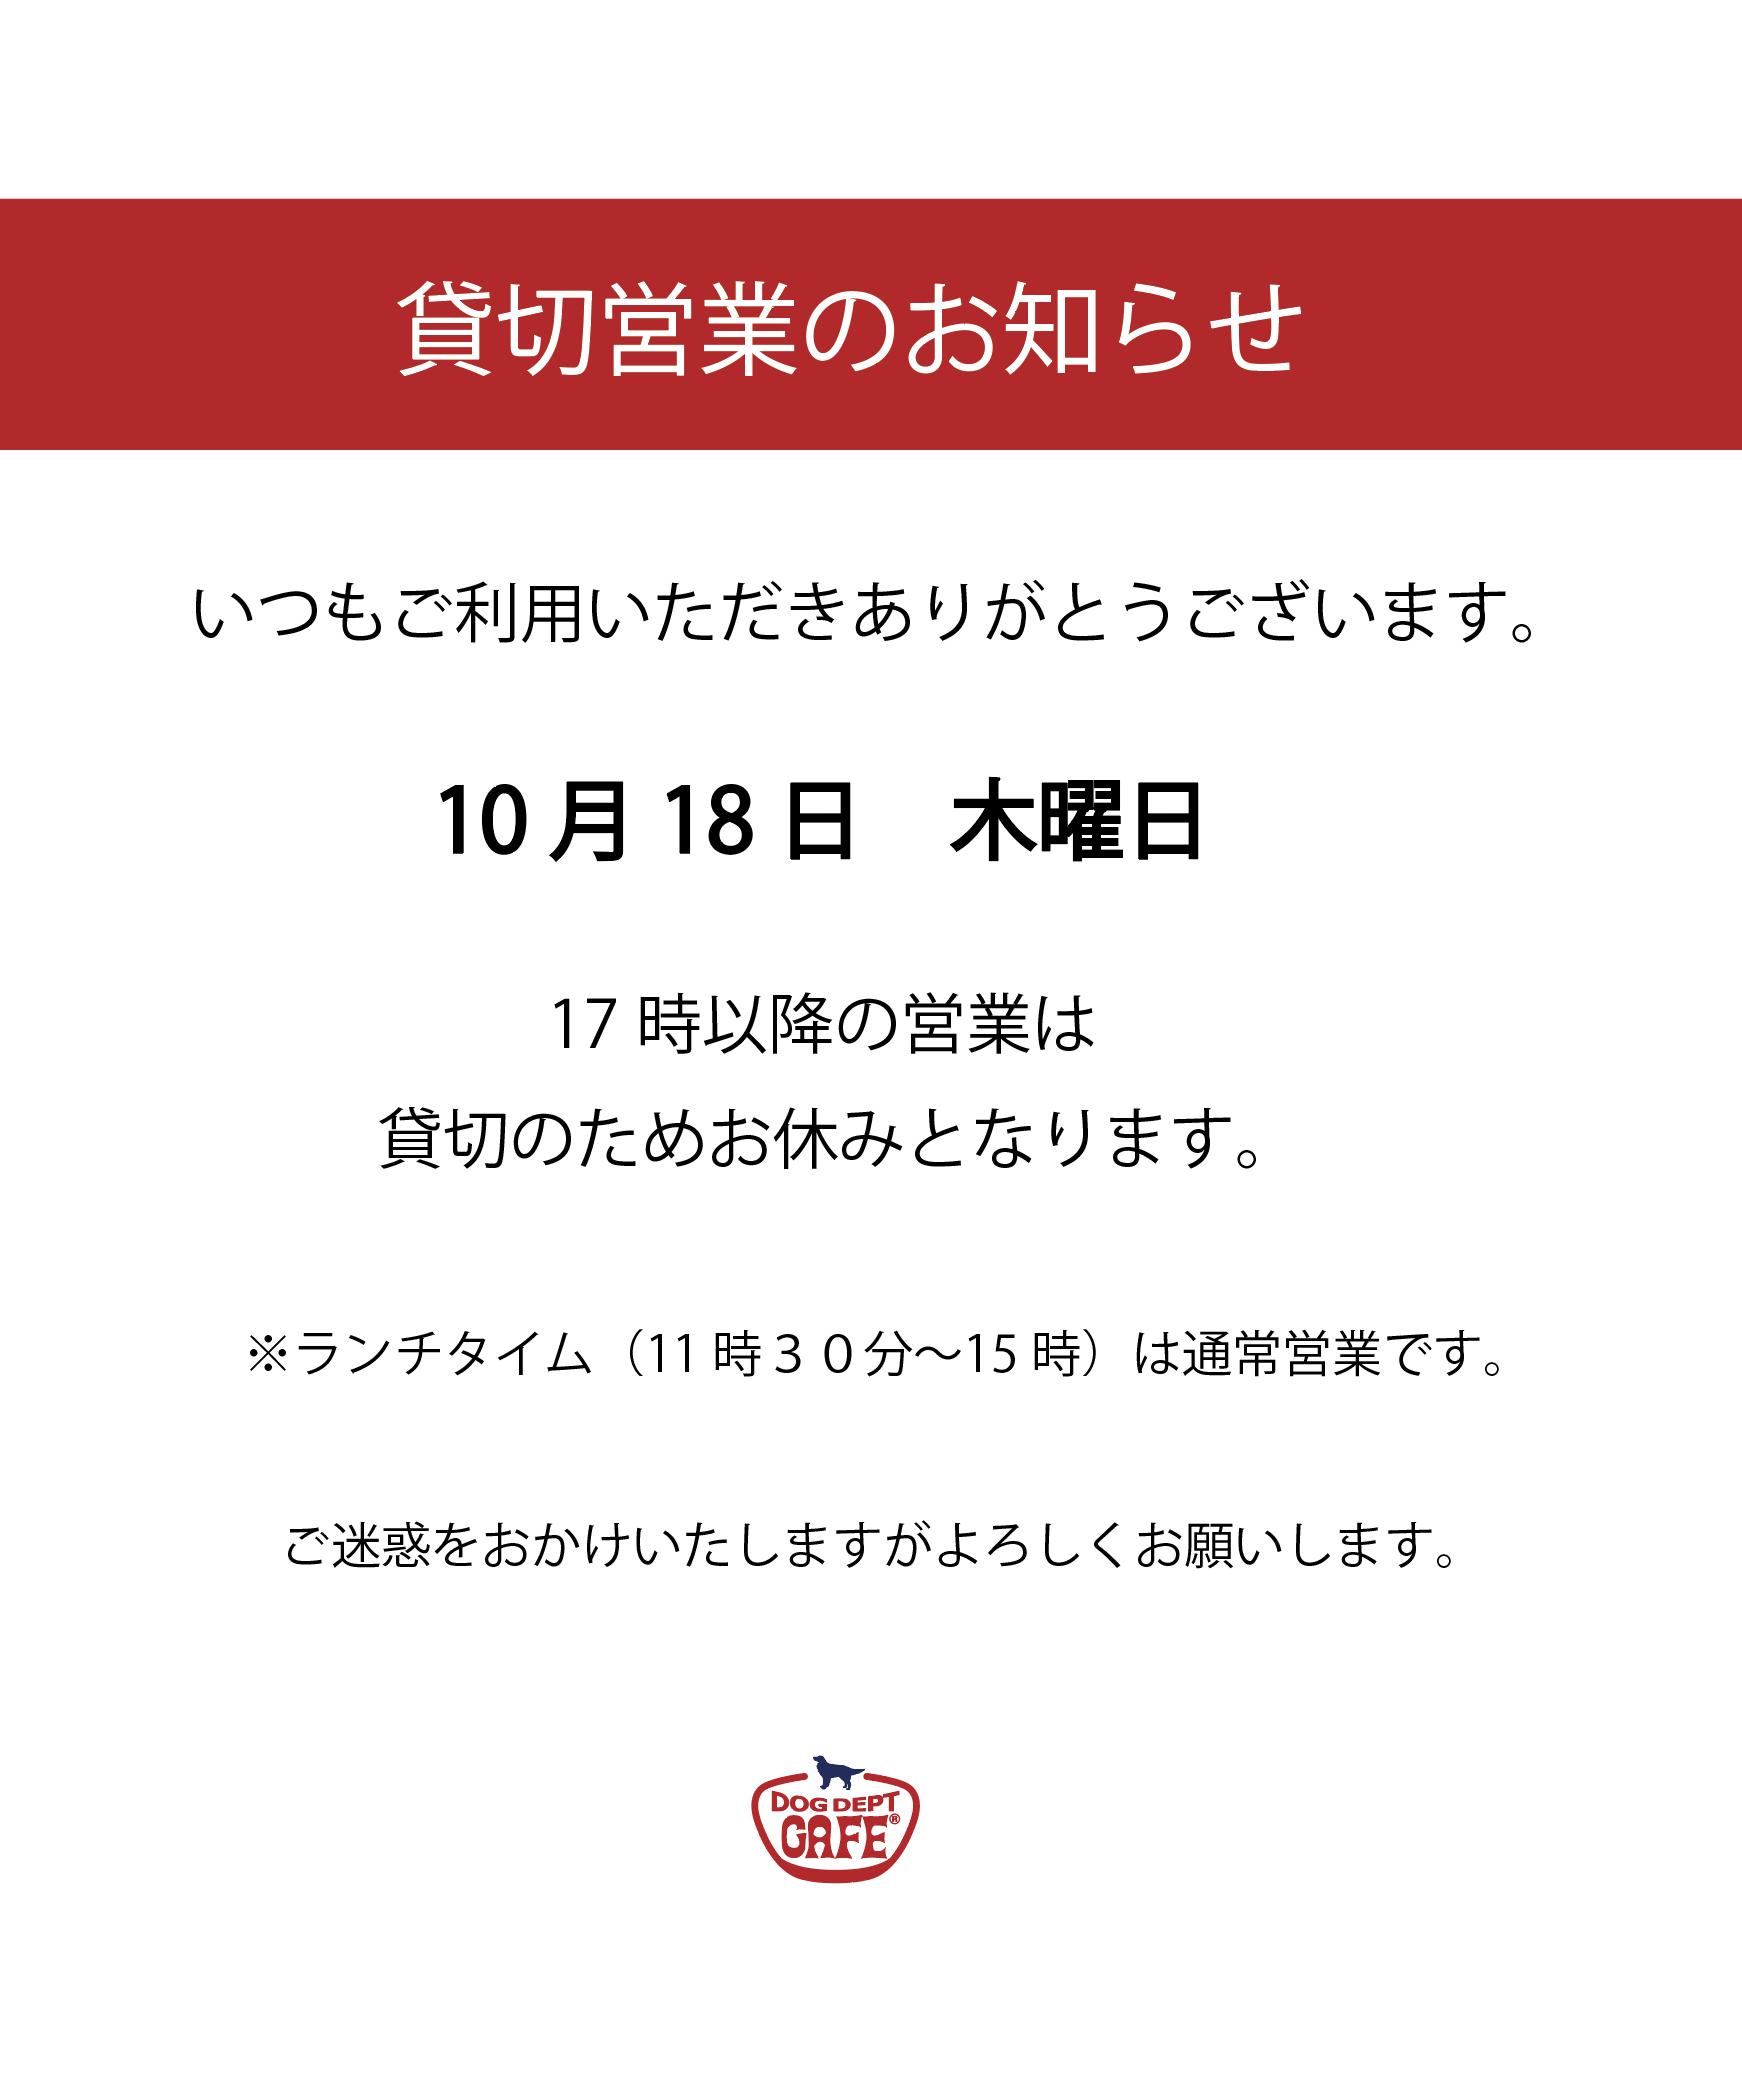 スクリーンショット 2018-10-18 13.23.41